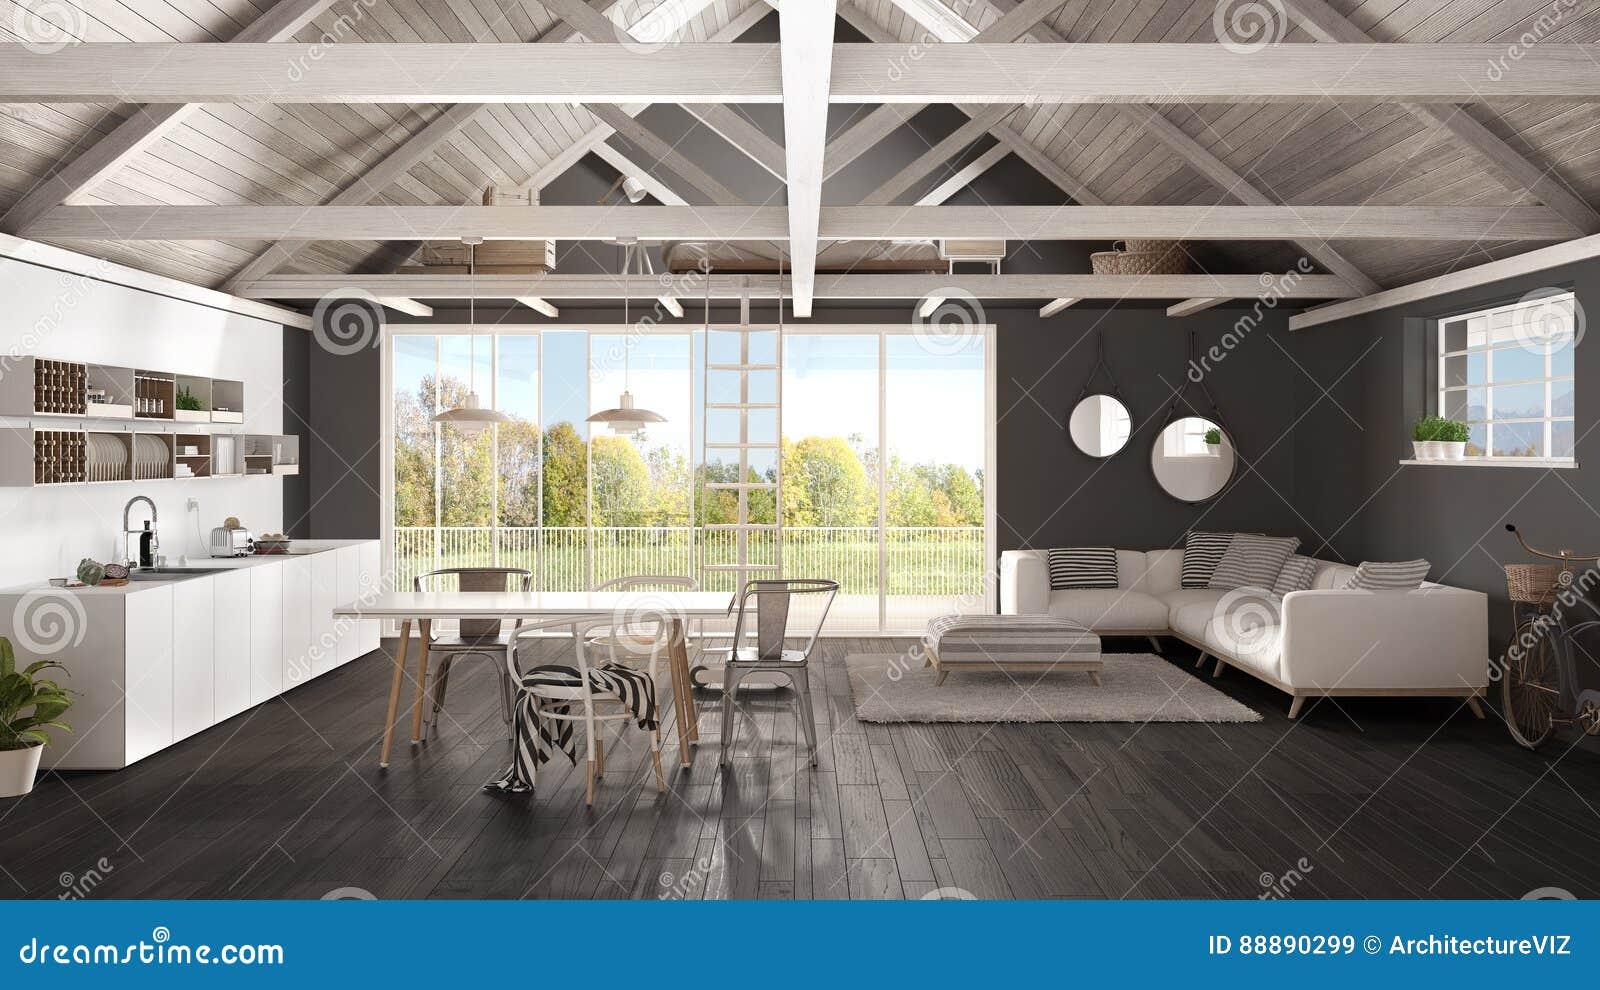 Keuken Interieur Scandinavisch : Minimalistische mezzanine zolder keuken het leven en slaapkamer